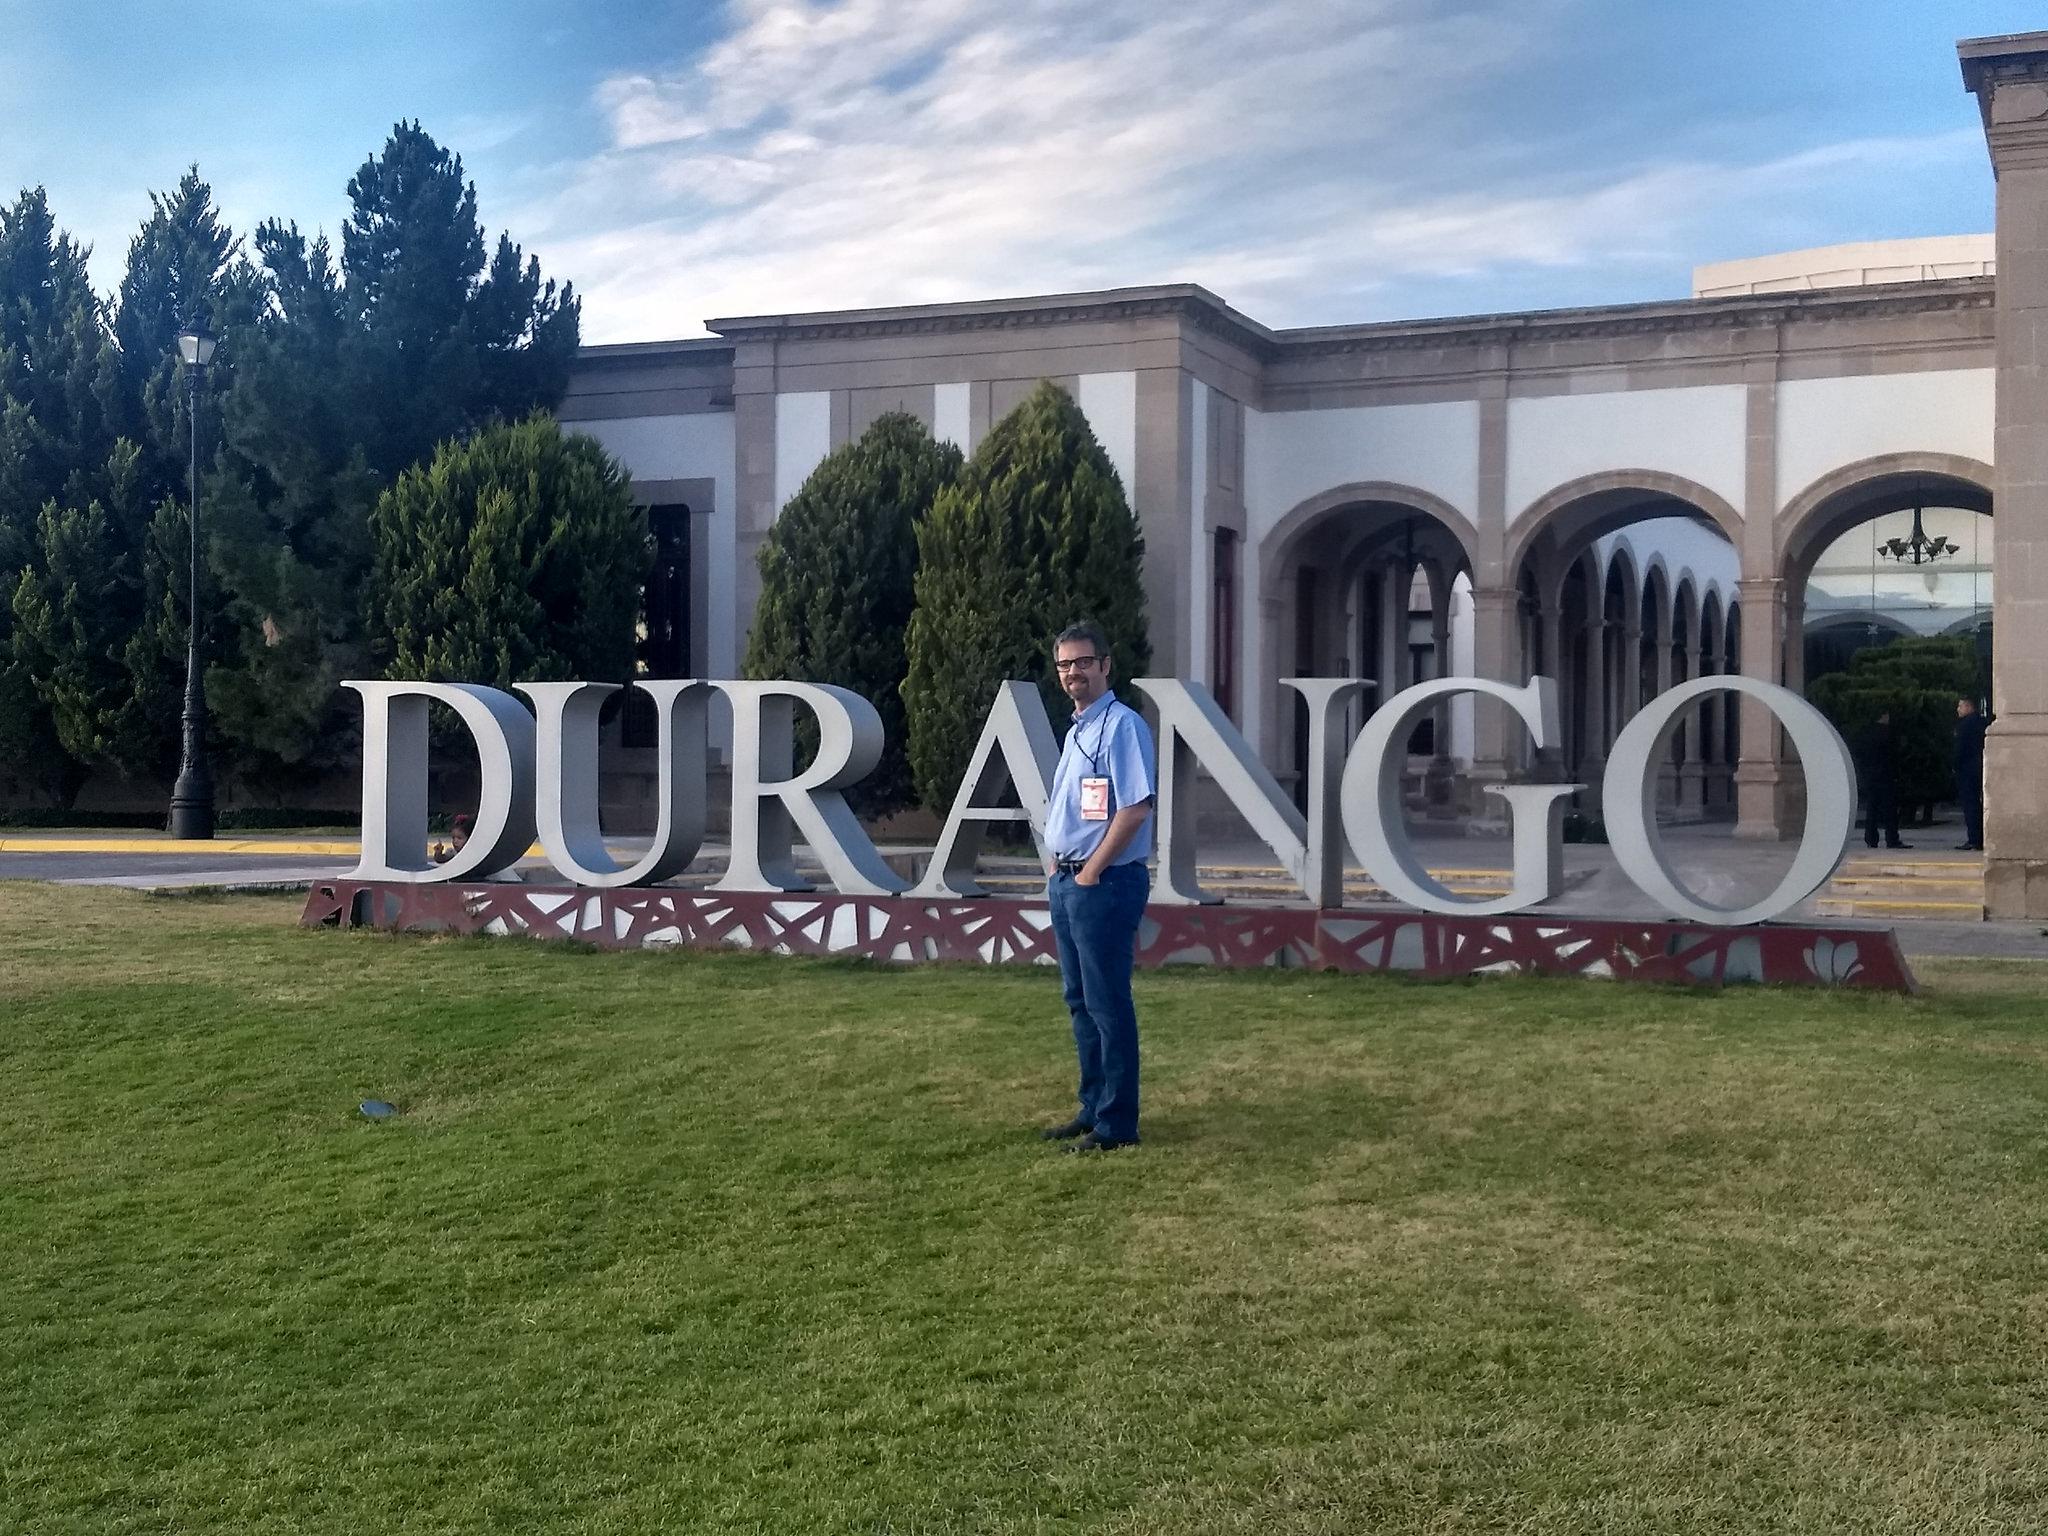 Durango!